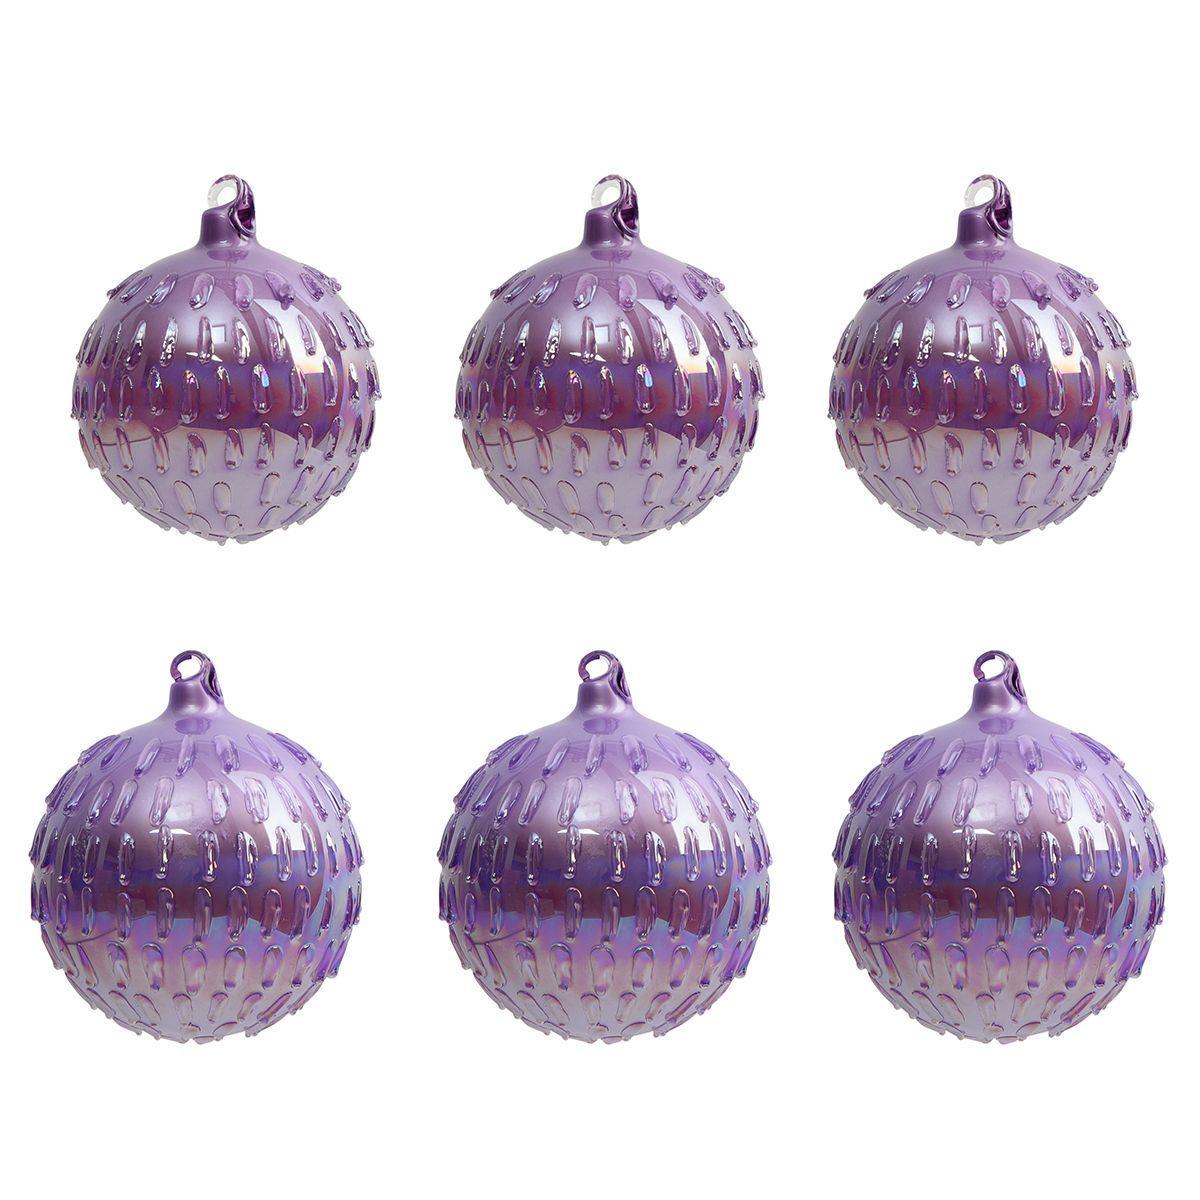 Ёлочные шары пурпурного цвета с выпуклым декором, 6 шт.